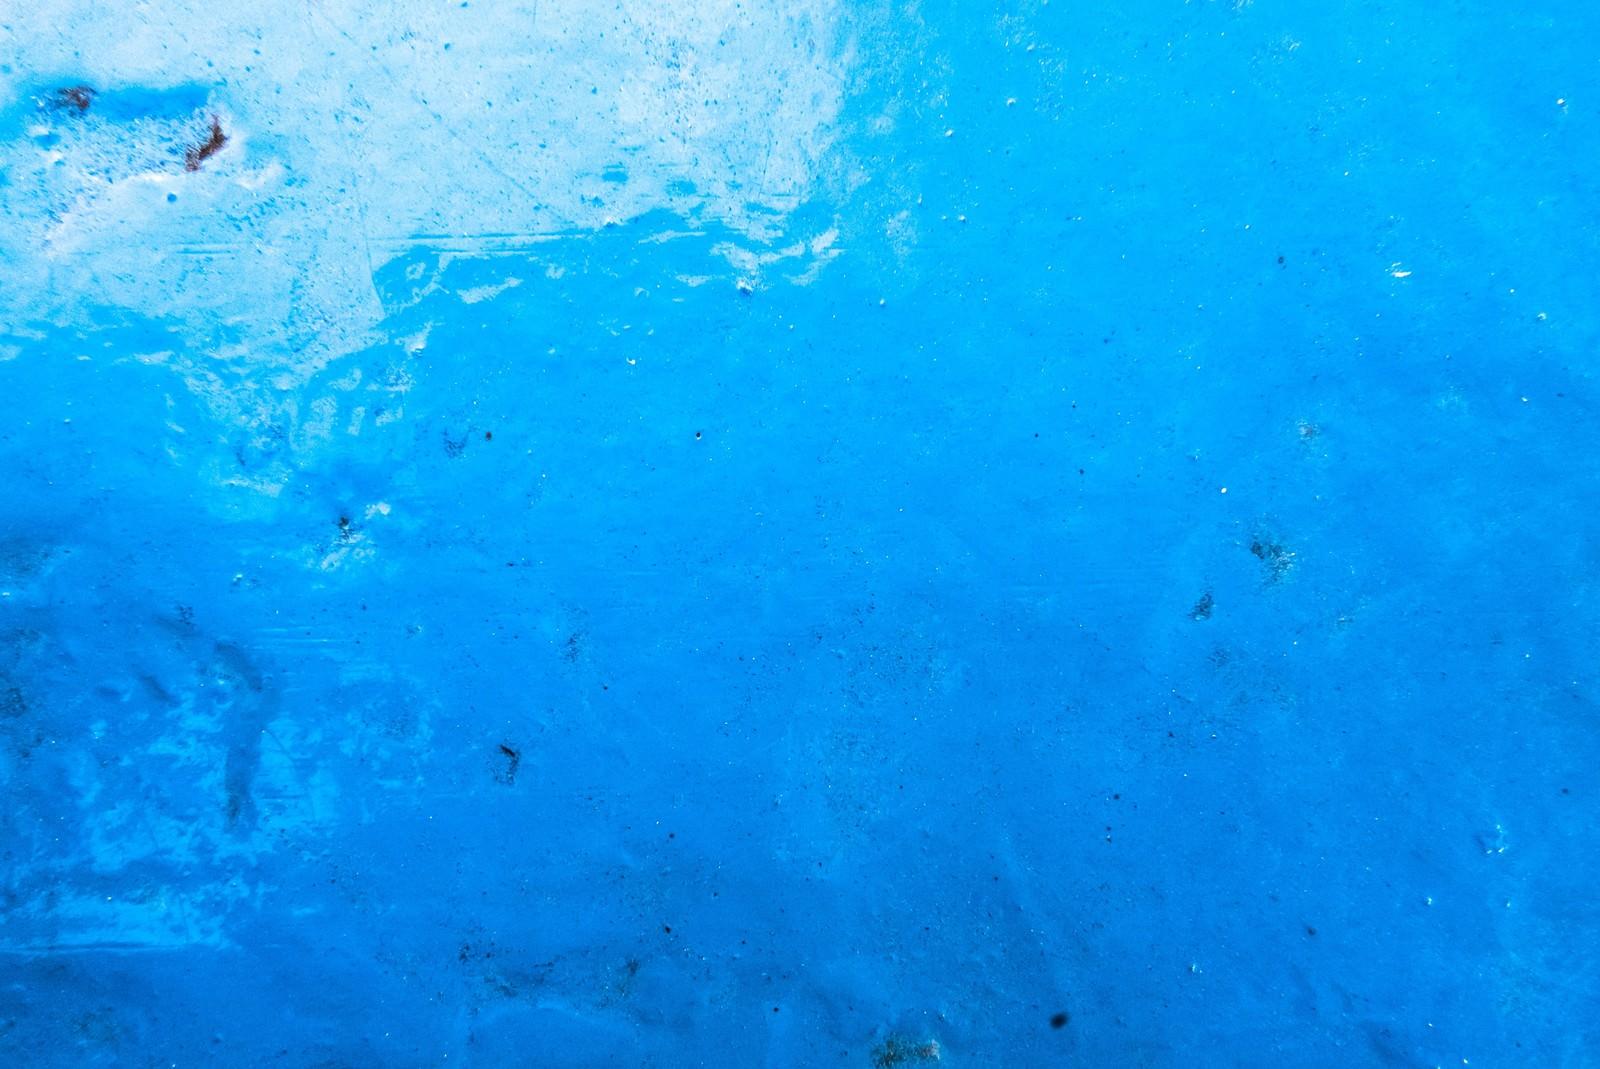 「青い塗装がされた壁(テクスチャー)青い塗装がされた壁(テクスチャー)」のフリー写真素材を拡大